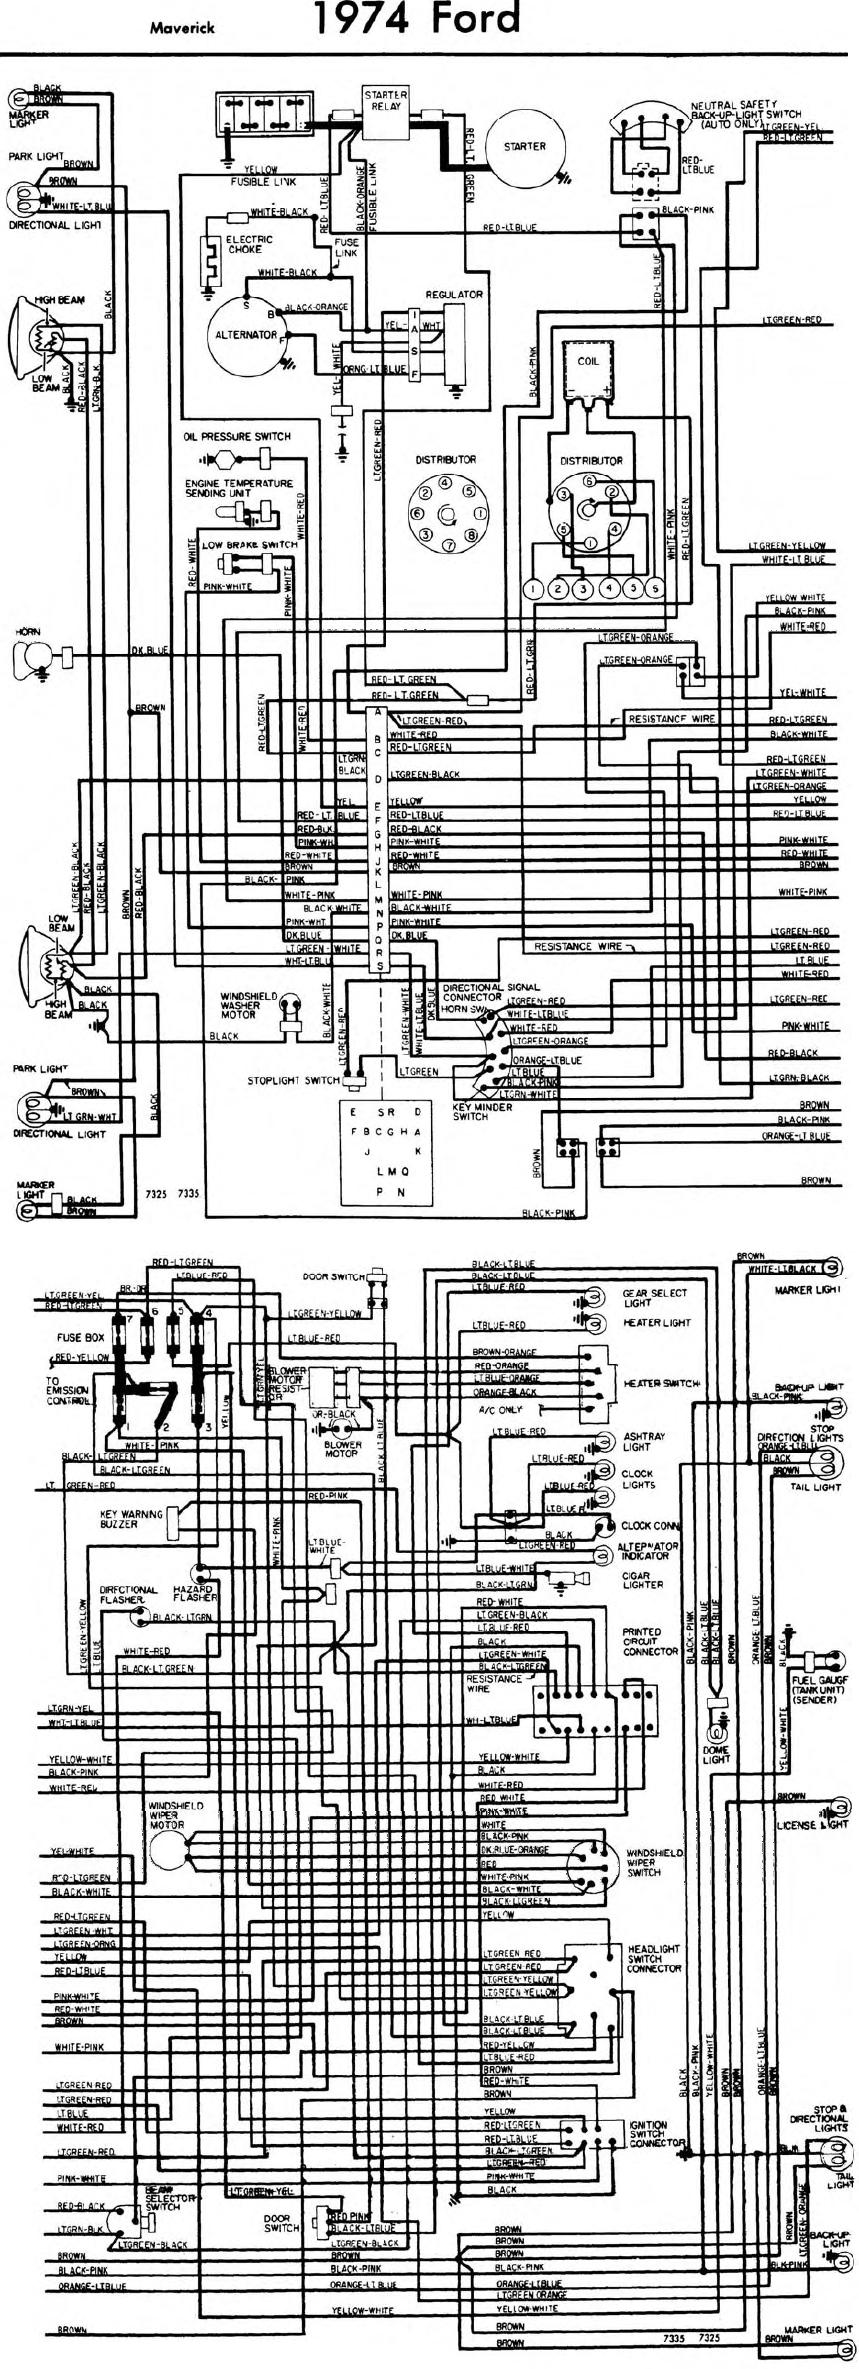 medium resolution of 1977 ford maverick wiring diagram wiring diagram third levelford maverick starter wiring wiring diagram third level